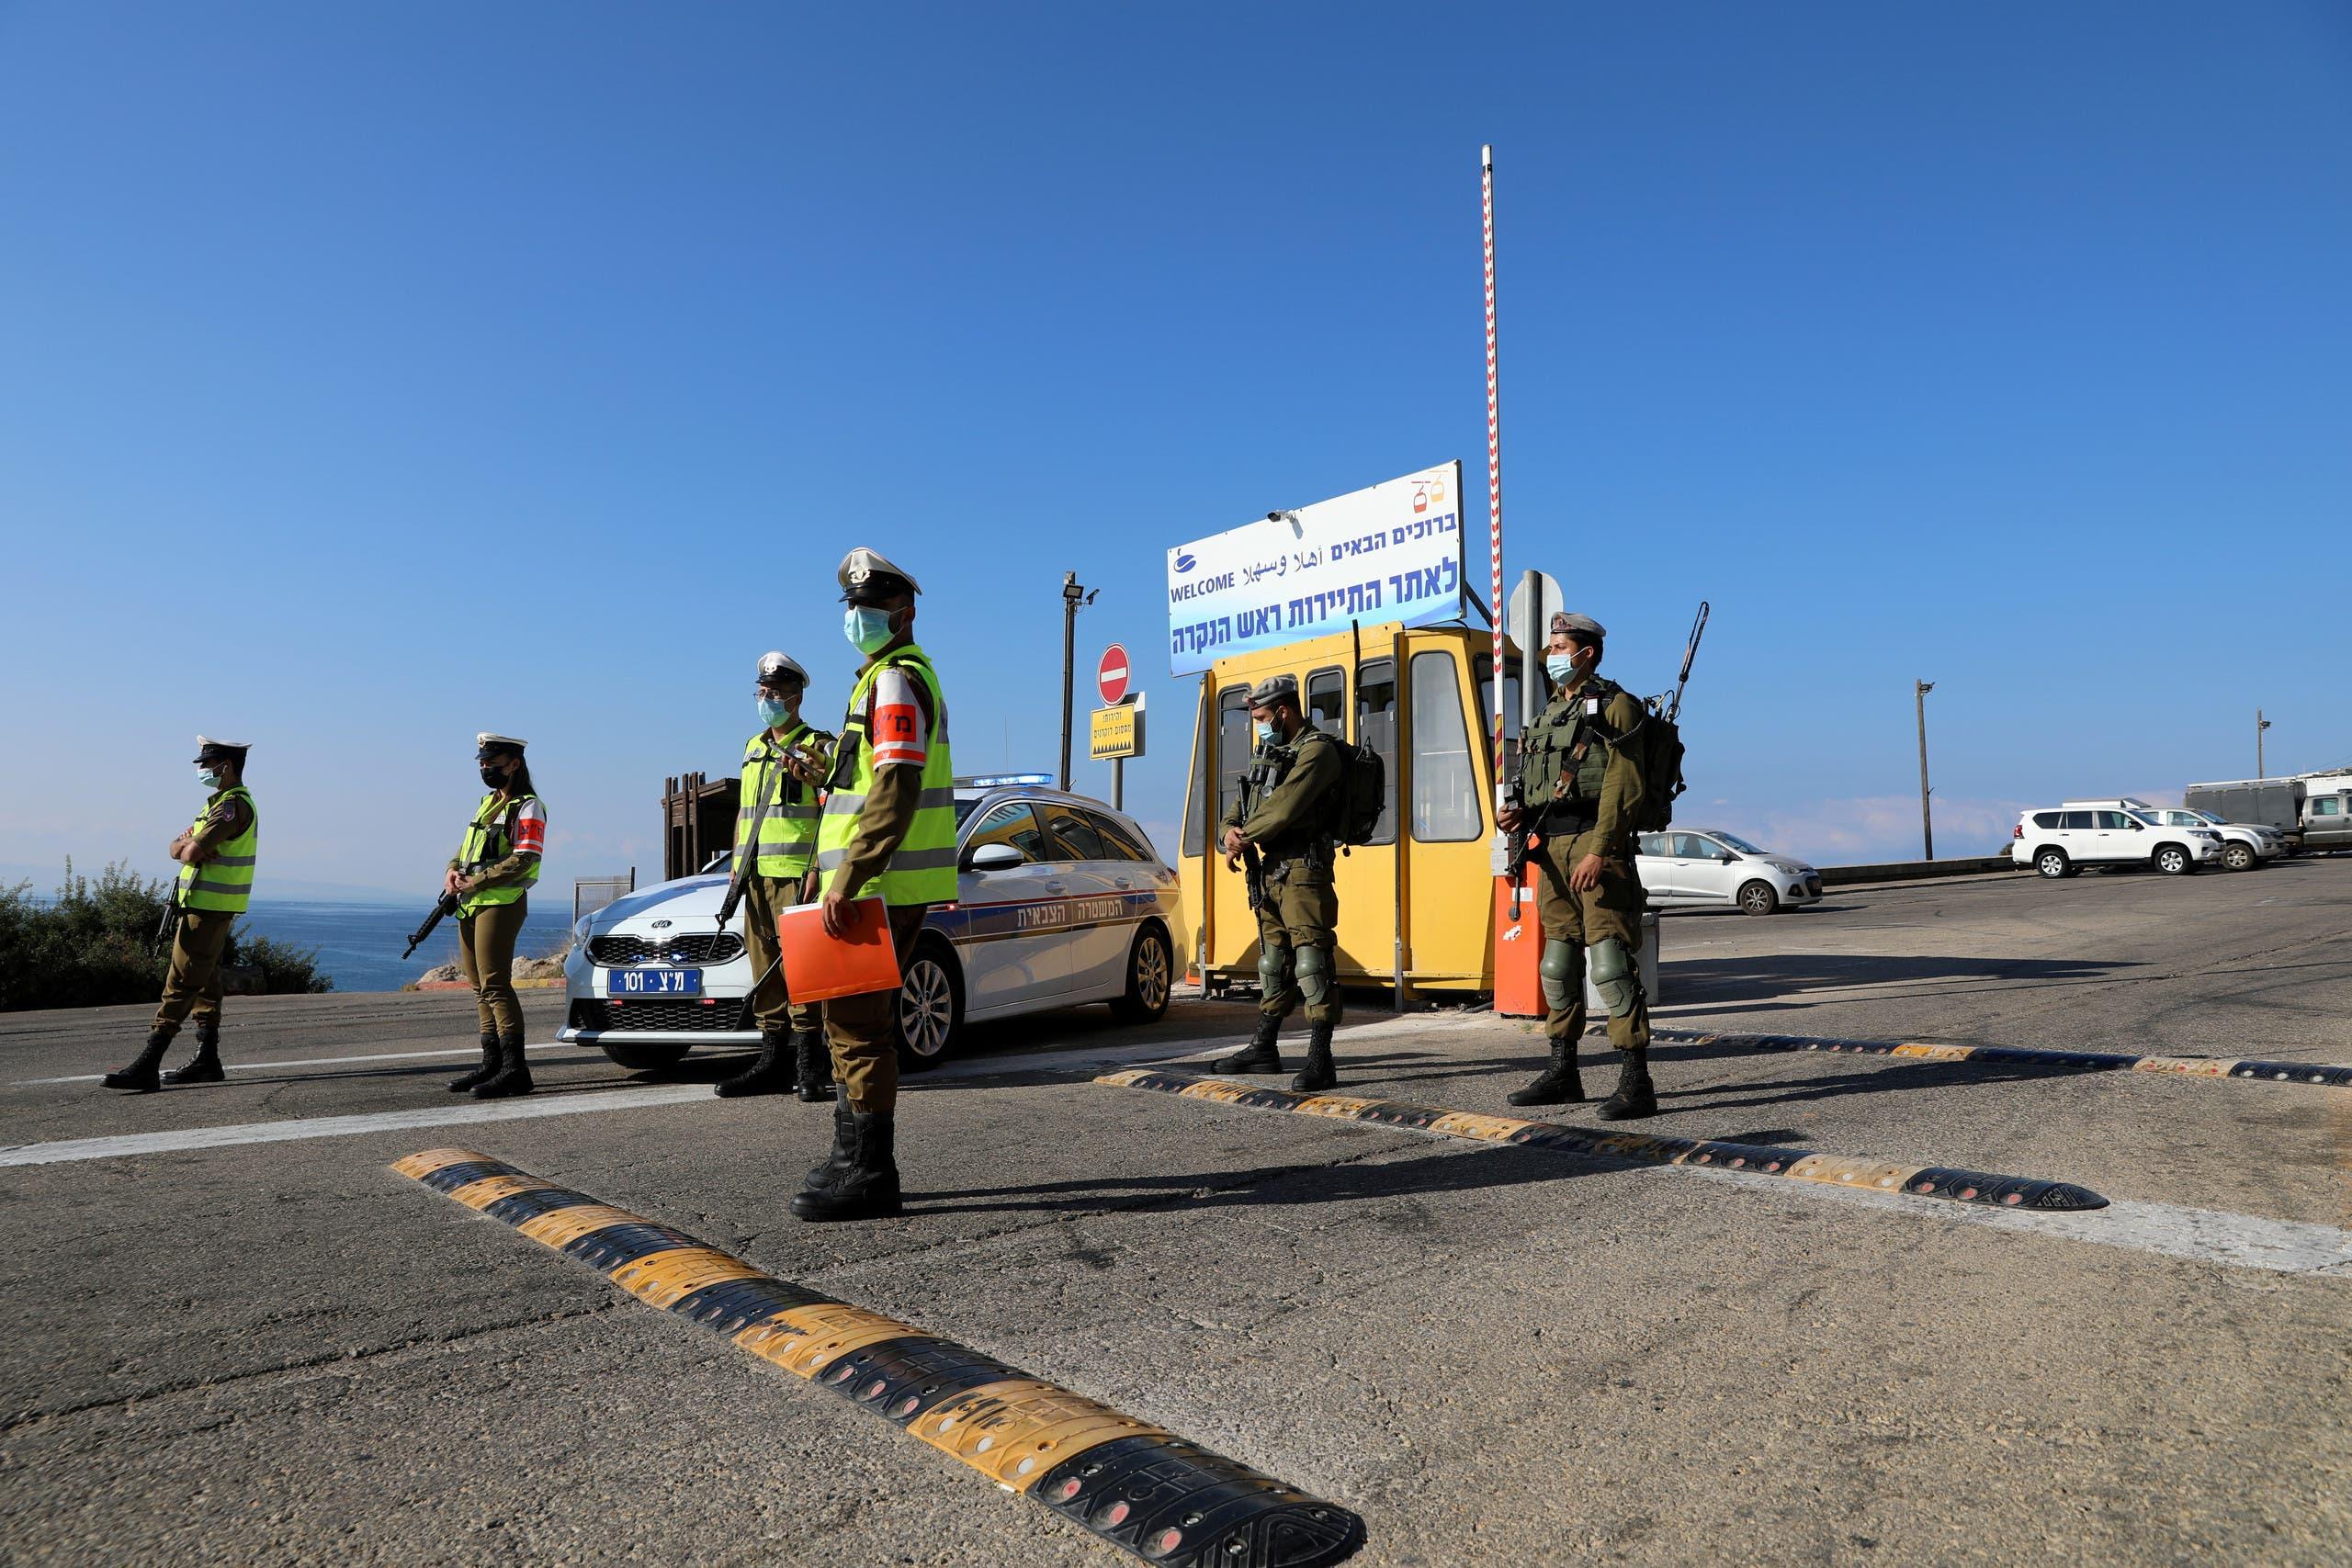 جنود إسرائيليون يقطعون الطريق المؤدي إلى الحدود اللبنانية لمنع وصول محتجين على المفاوضات